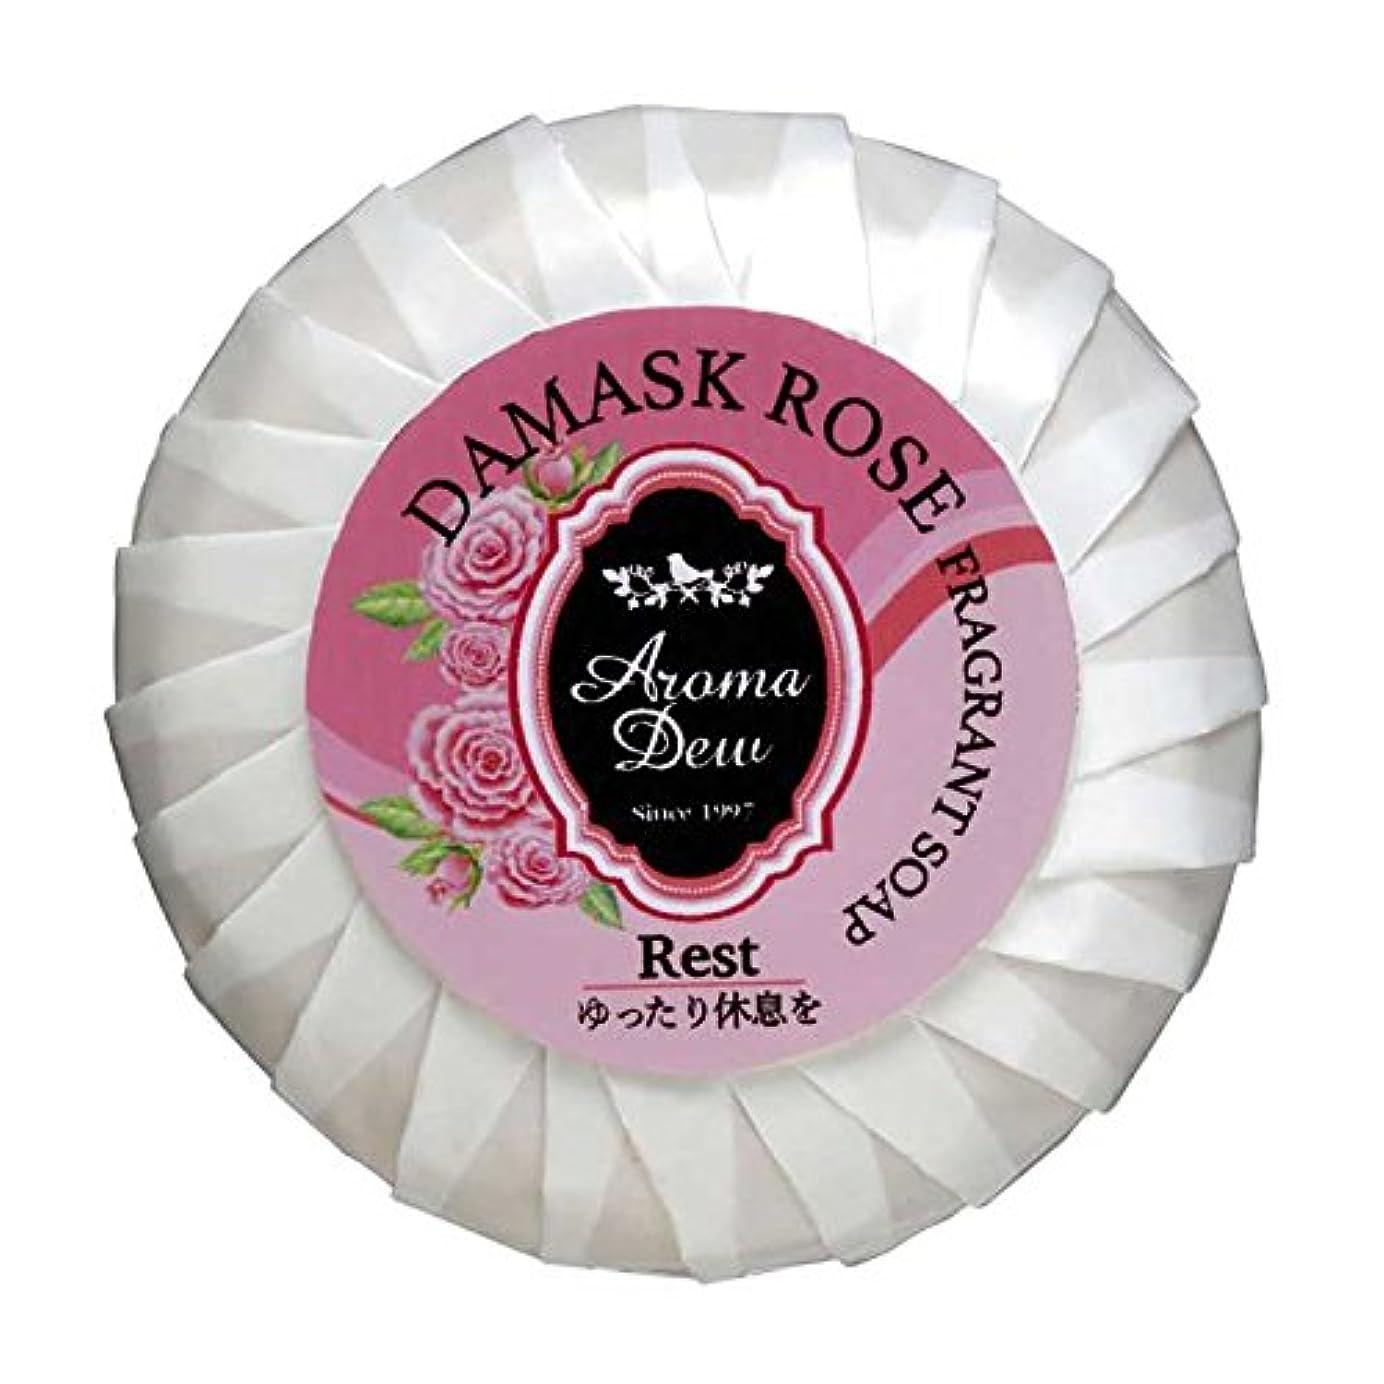 逆説満州ふけるアロマデュウ フレグラントソープ ダマスクローズの香り 100g